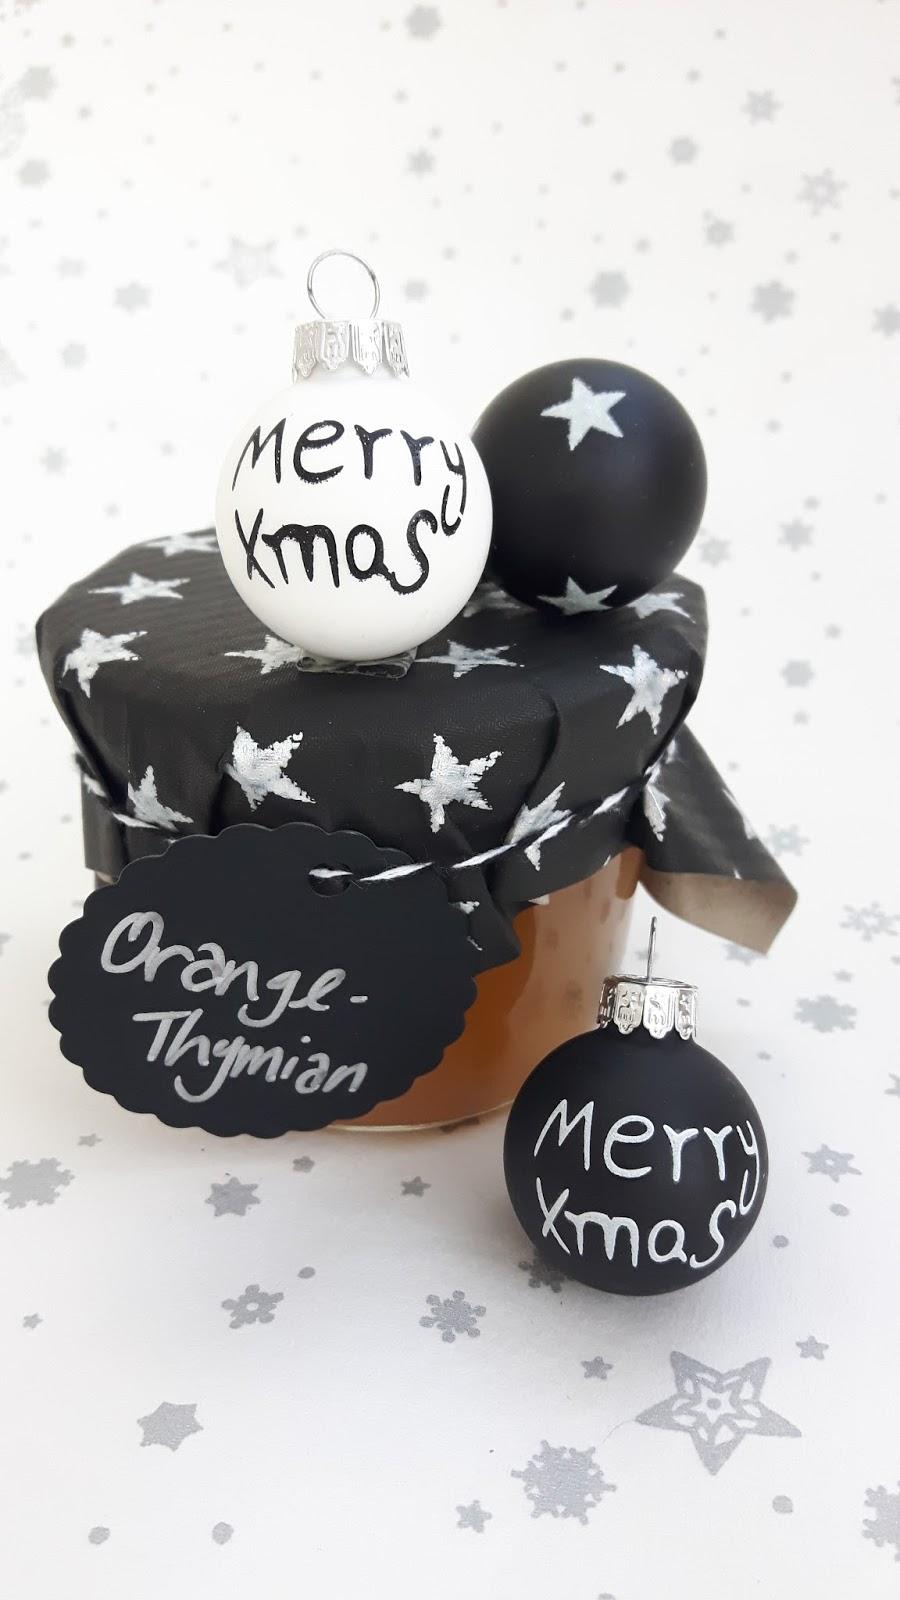 Leckere Weihnachtsgeschenke.Leckere Geschenke Aus Der Kinderkueche Orangen Thymian Marmelade